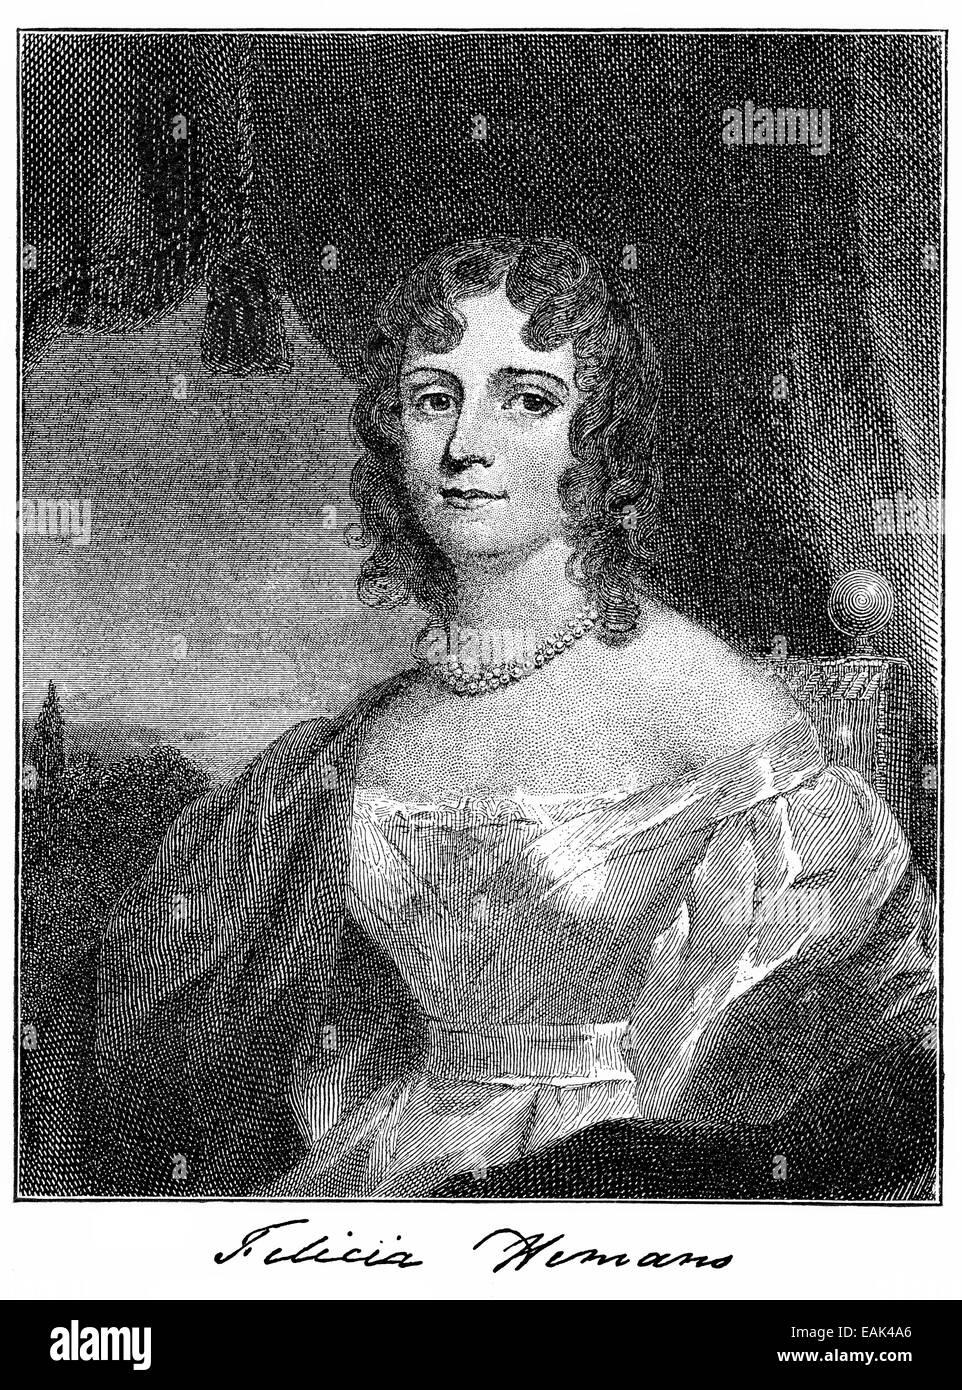 Felicia Dorothea Hemans, 1793 - 1835, an English poet, Felicia Dorothea Hemans, 1793 - 1835, eine britische Dichterin - Stock Image